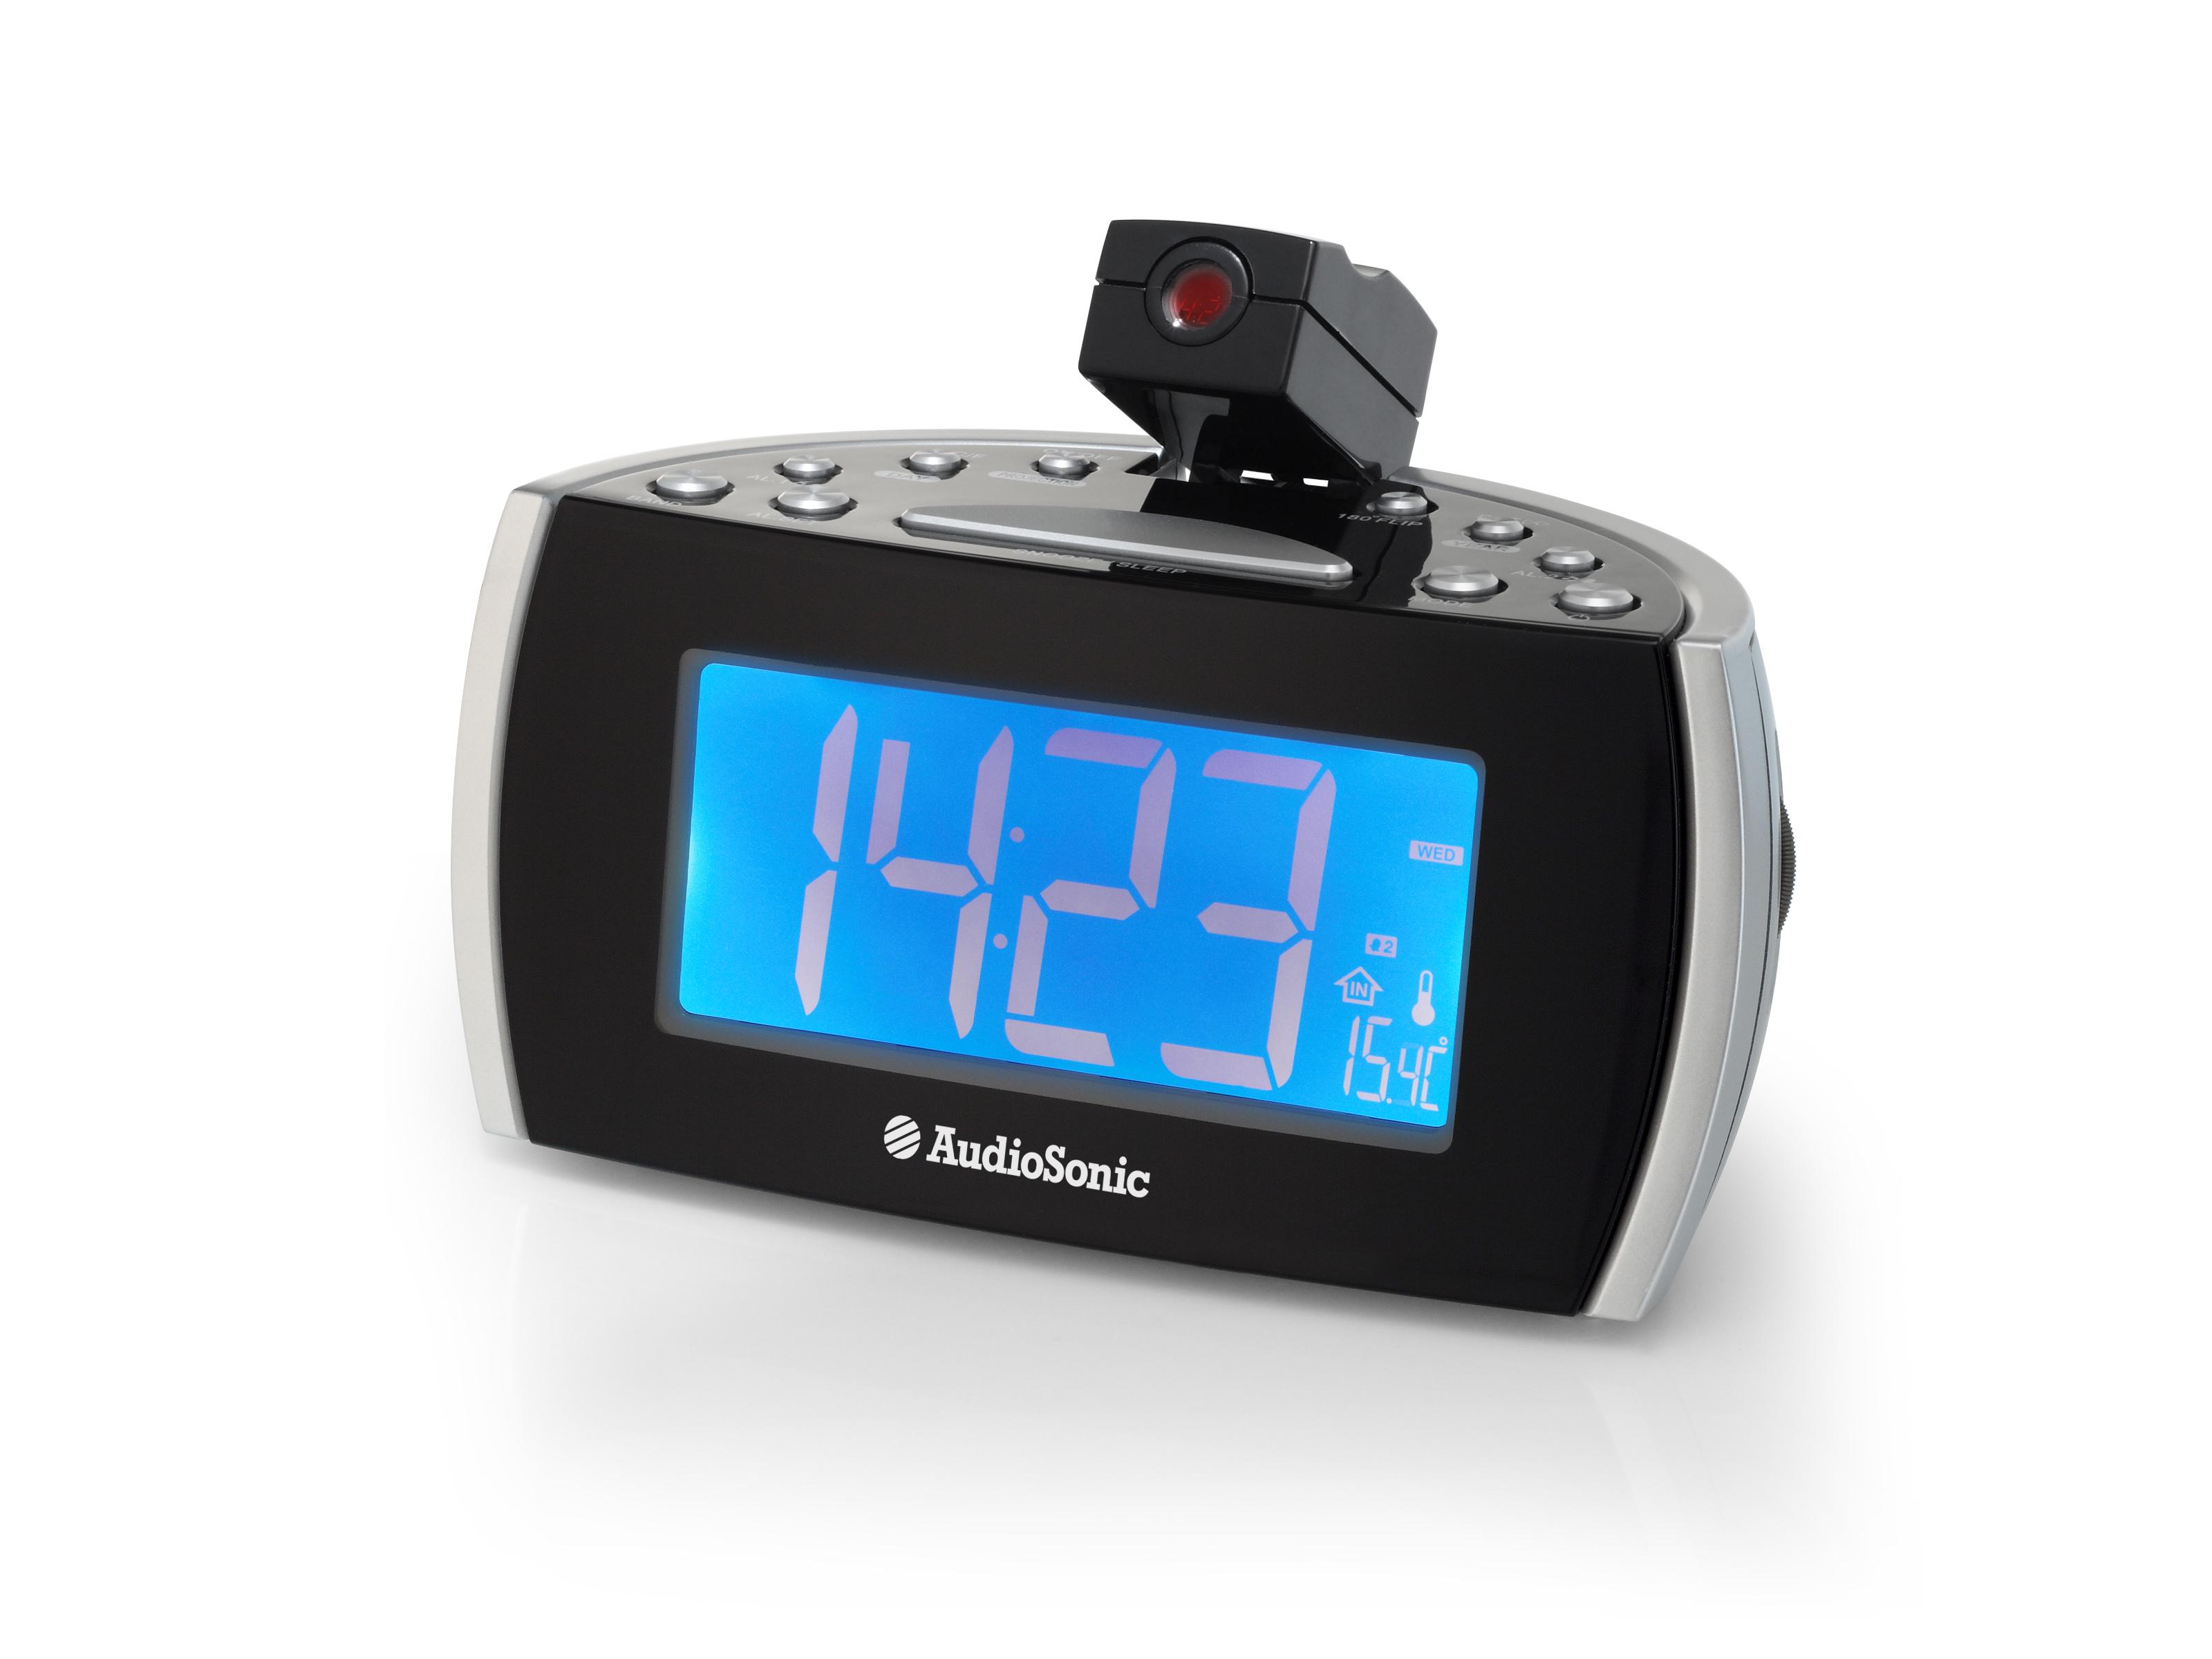 AudioSonic CL-1486 Orologio Nero, Argento radio